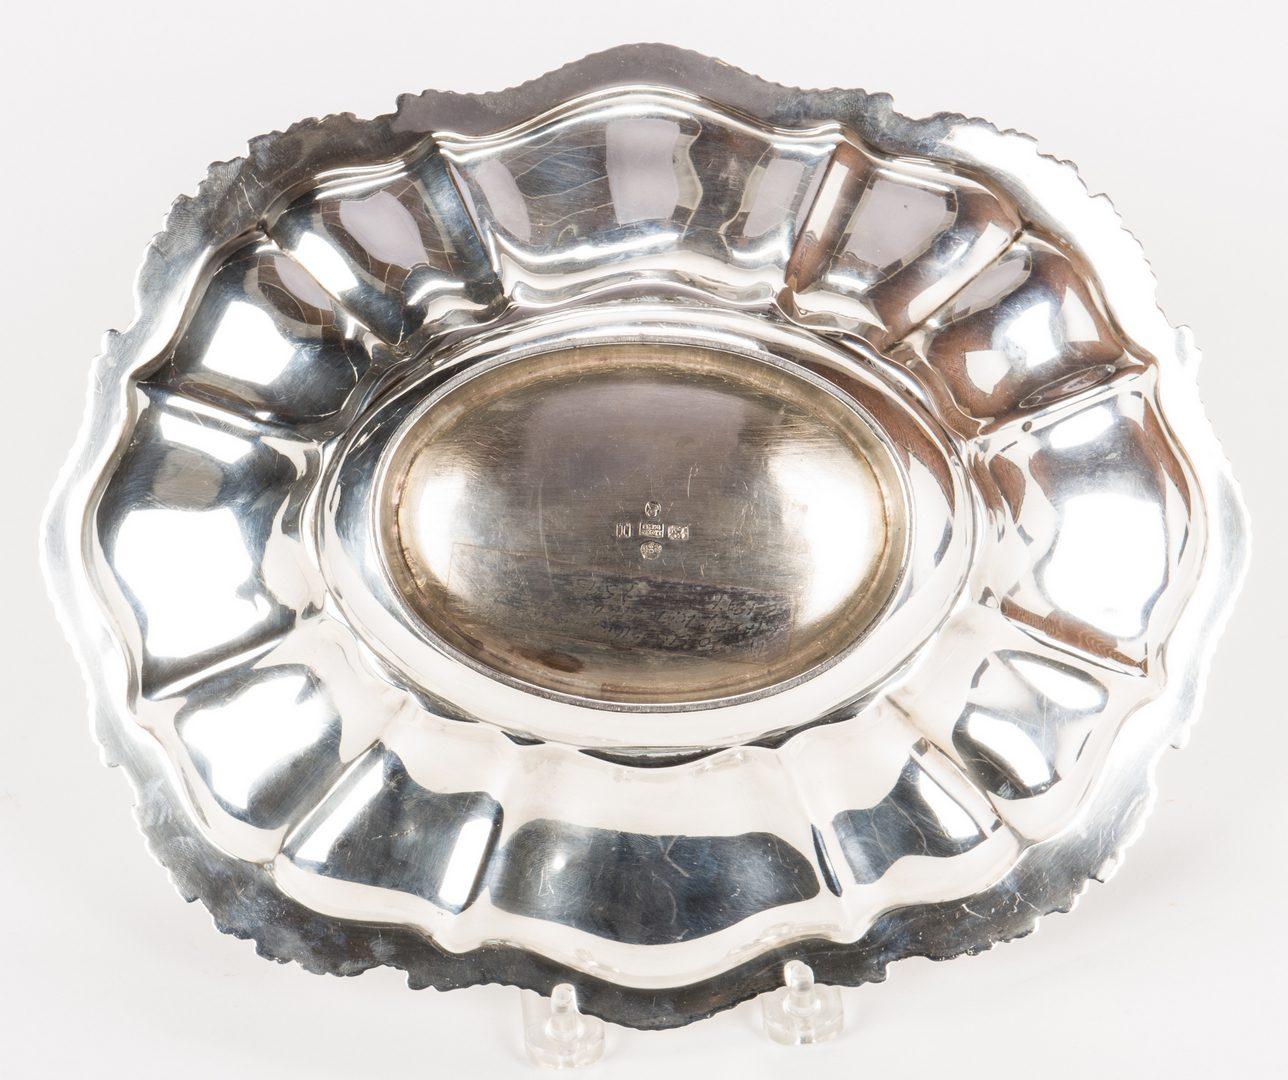 Lot 77: Kirkby, Waterhouse & Co. Sterling Oval Bowl